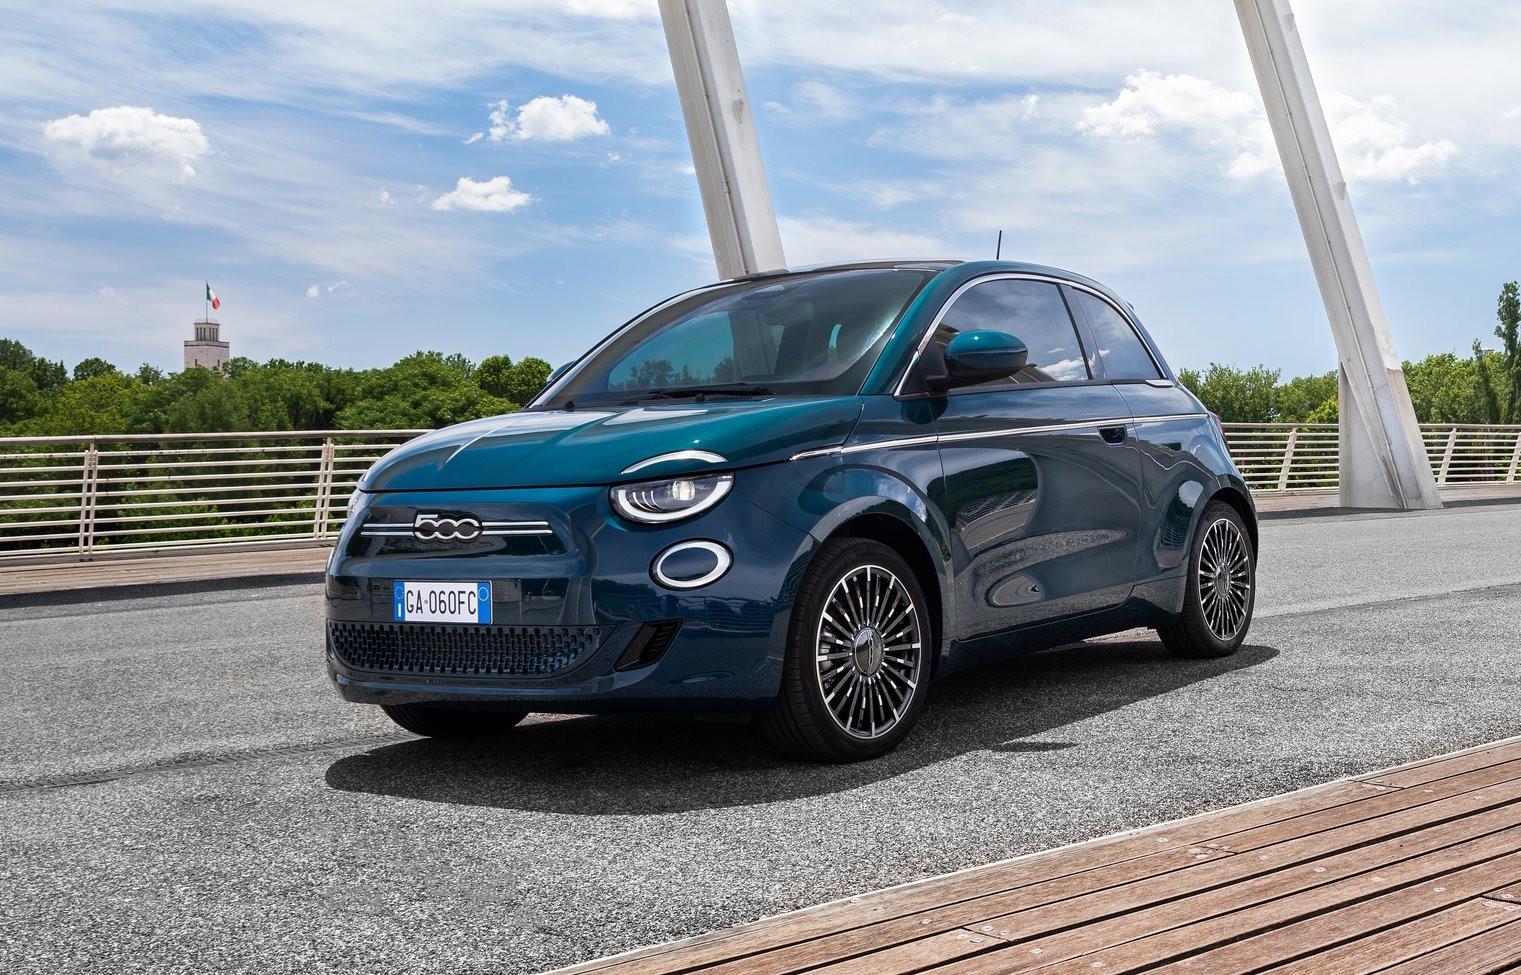 FIAT 500 totalmente eléctrico debuta en Europa